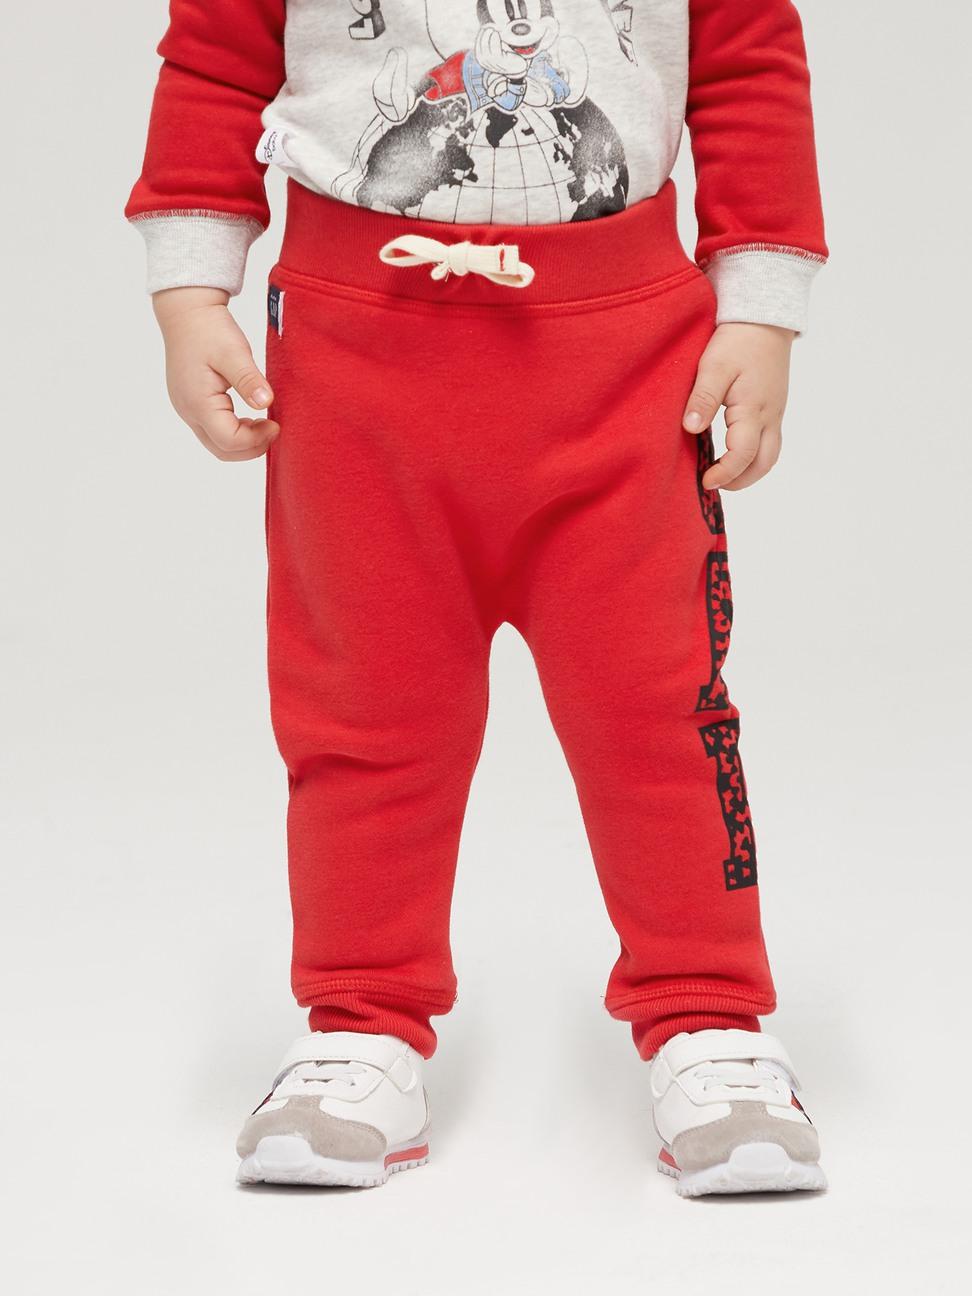 嬰兒 碳素軟磨系列 Logo創意鬆緊長褲